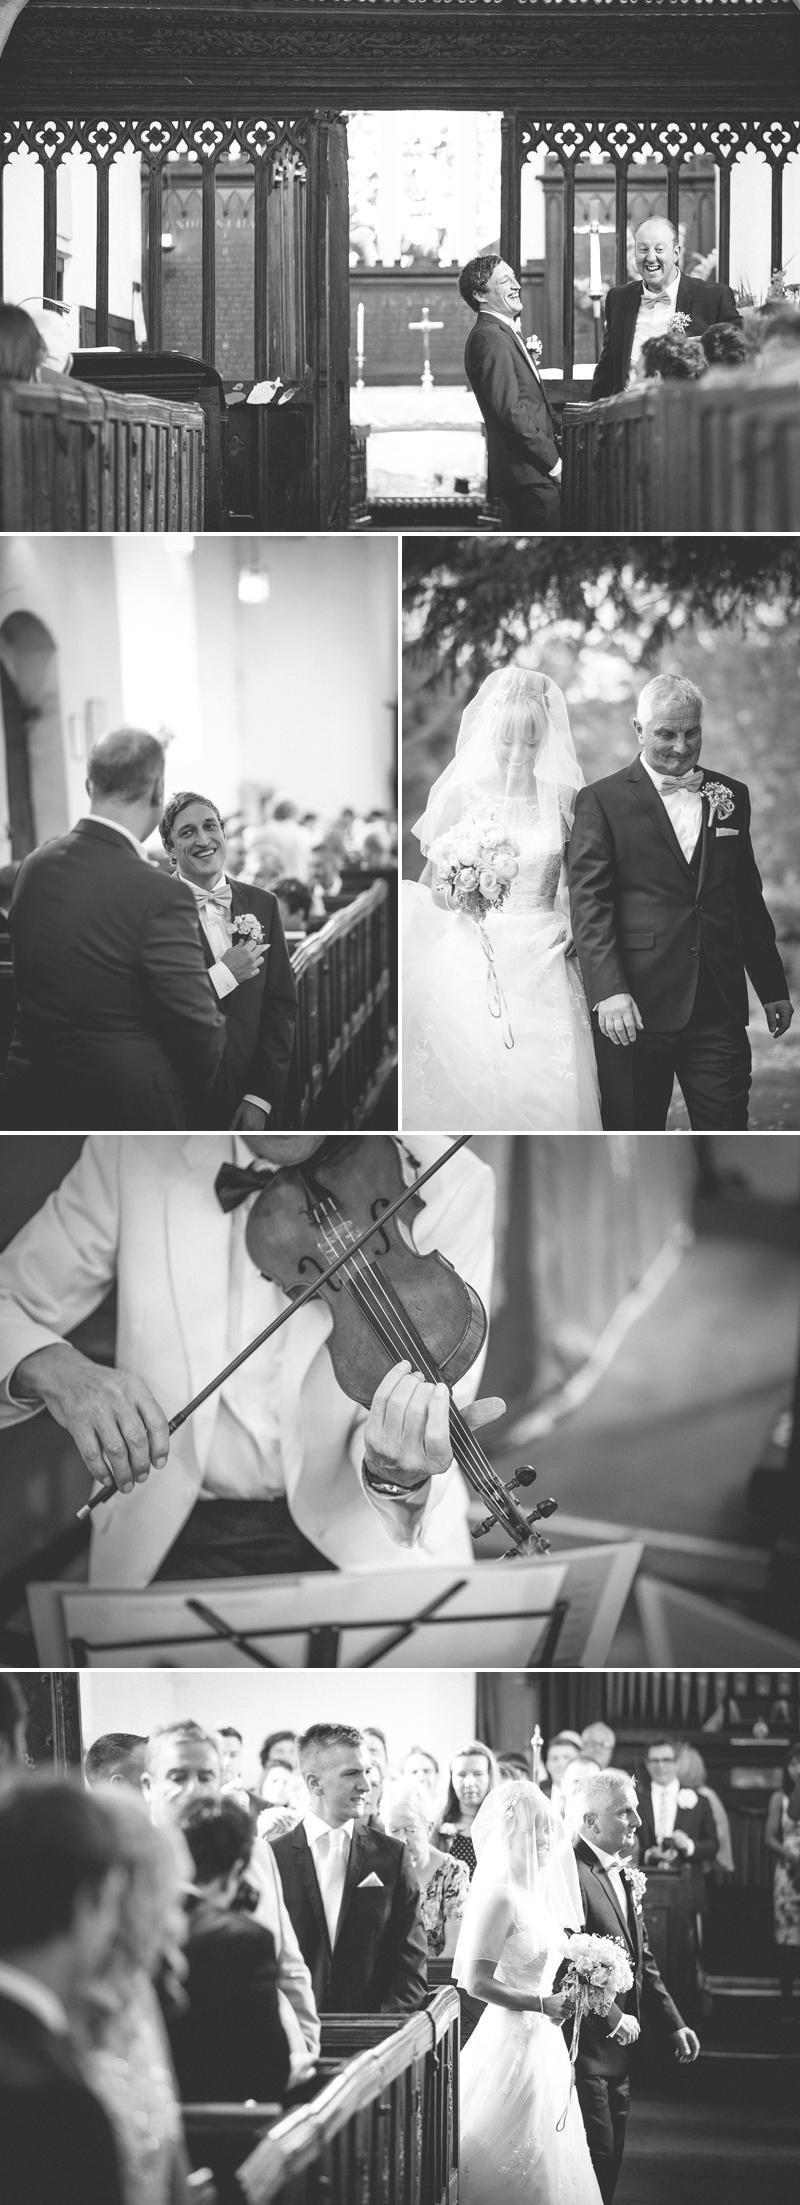 hereford wedding photographers around the uk